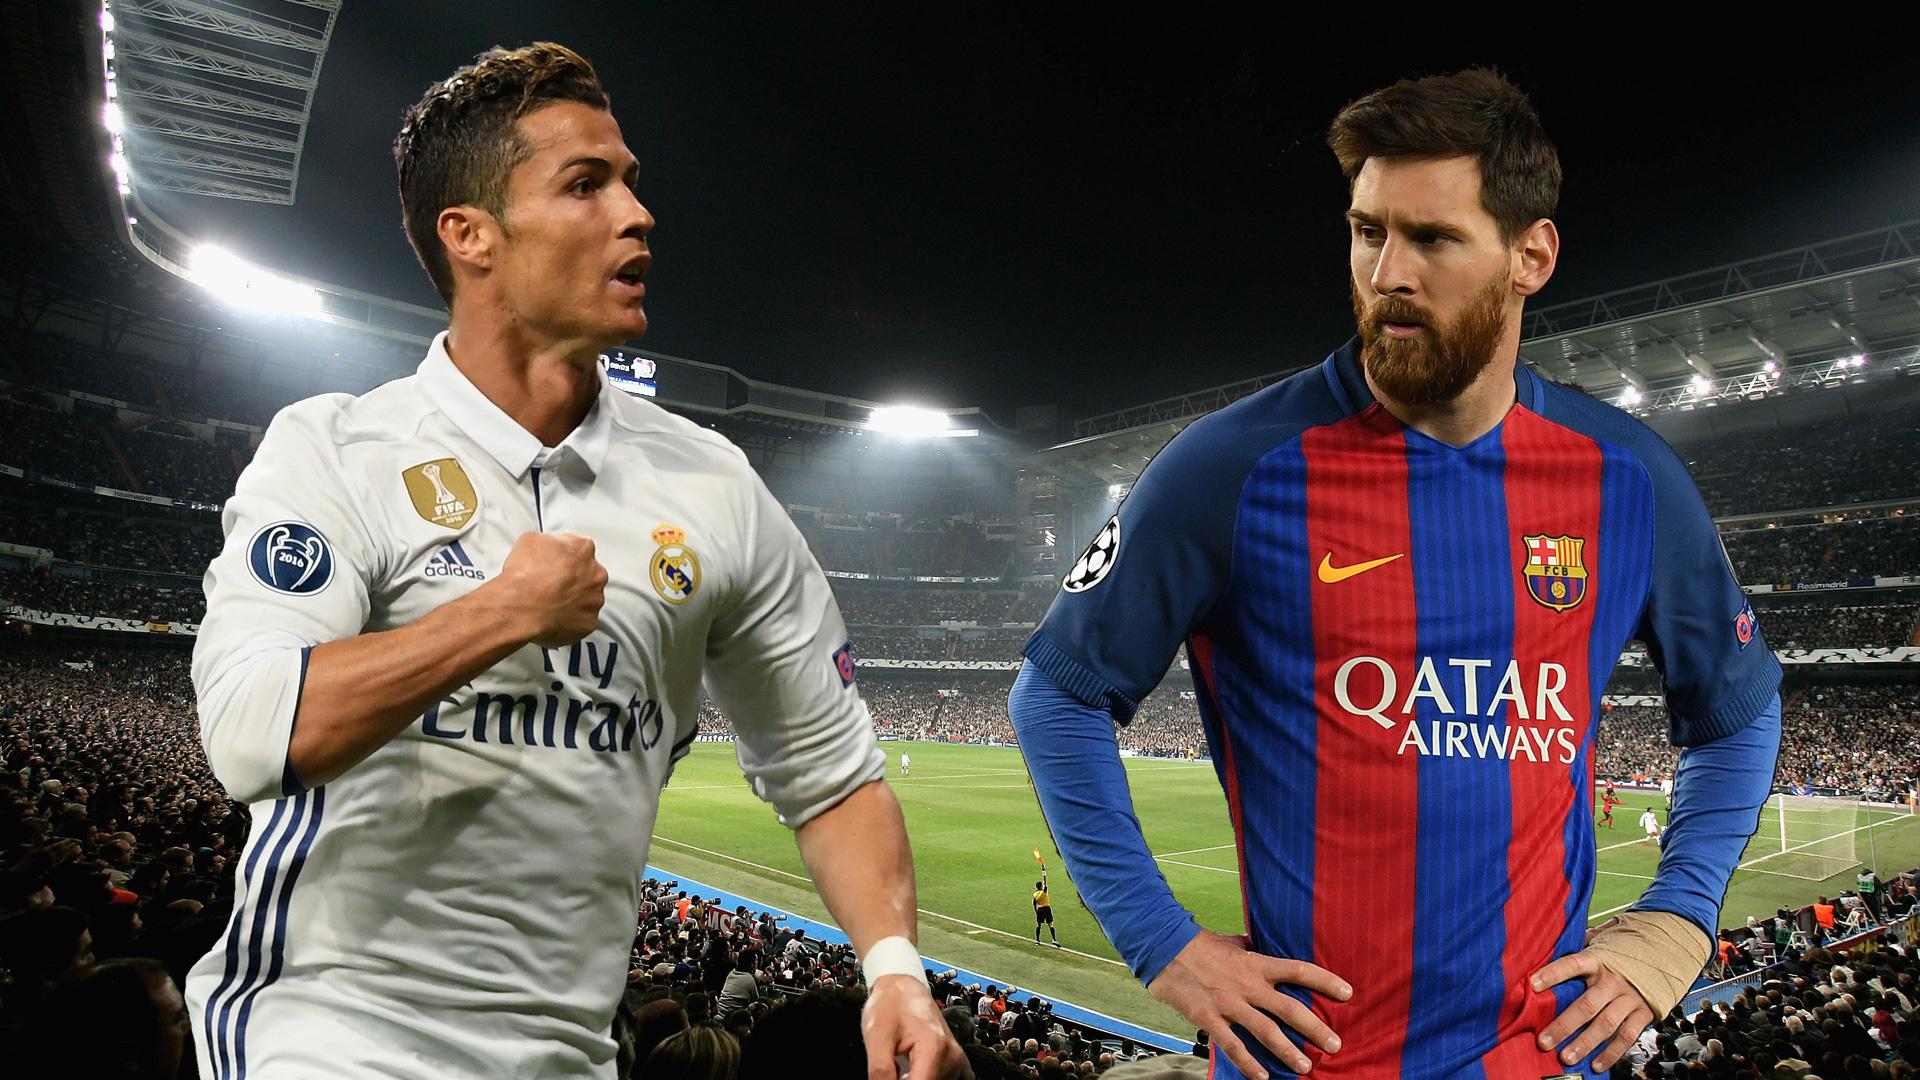 Clasico Ronaldo Messi 23042017